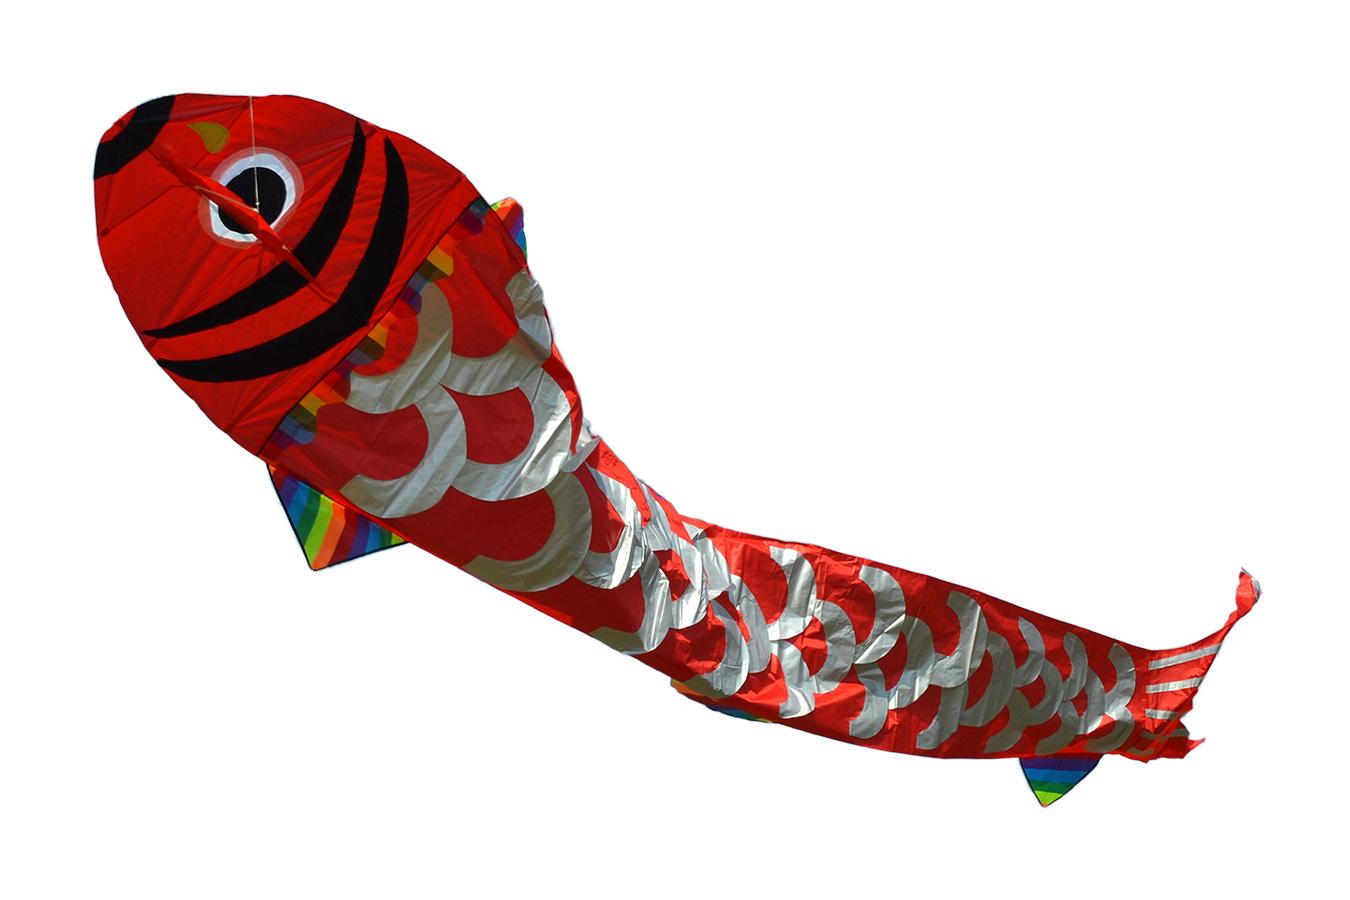 Змей воздушный Зеркальный карп [ZBCK003]